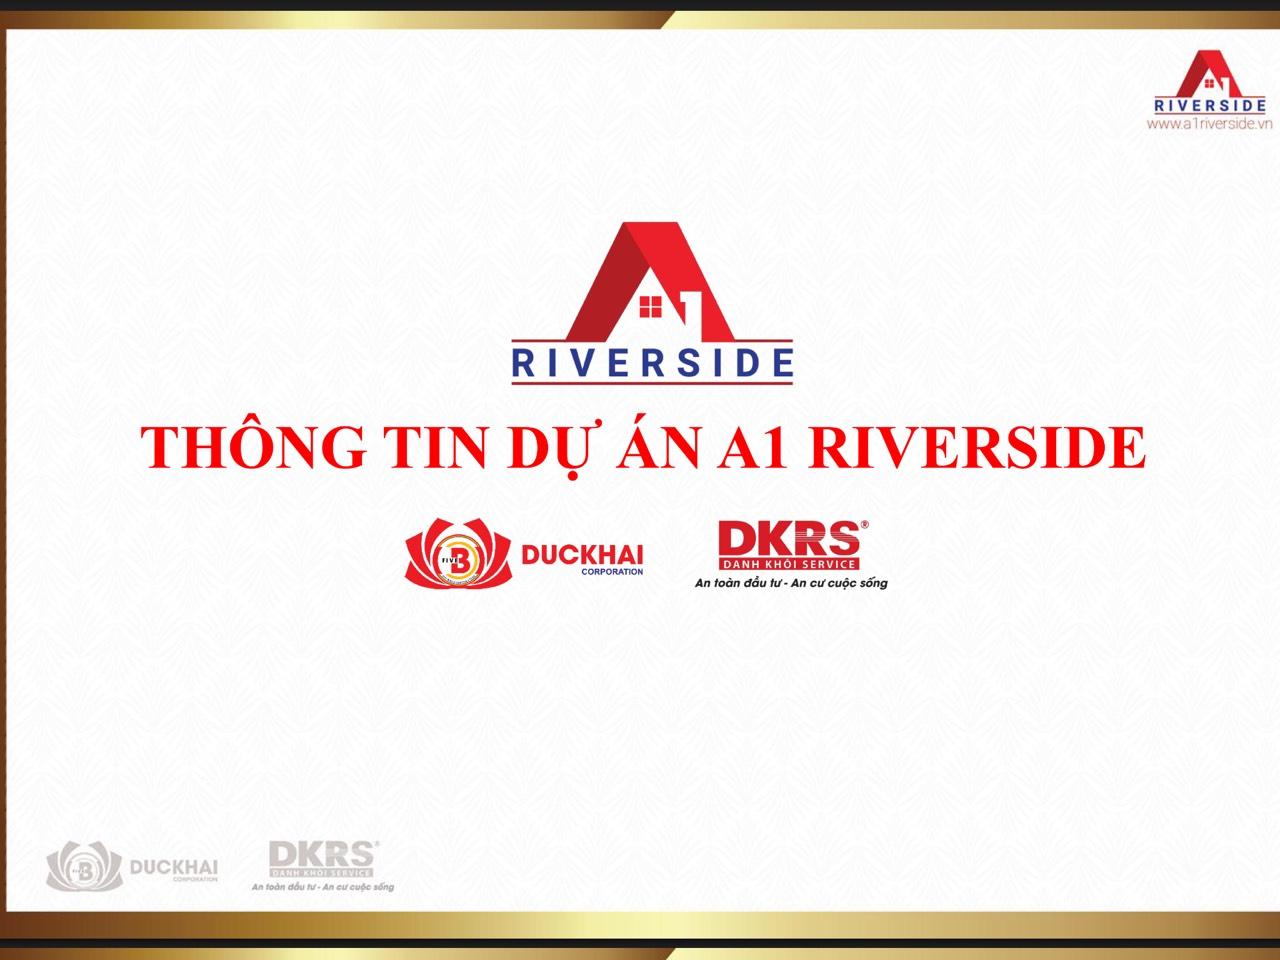 SỰ KHÁC BIỆT CỦA CĂN HỘ A1 RIVERSIDE VÀ CÁC BLOCK KHÁC TRONG TOÀN KHU